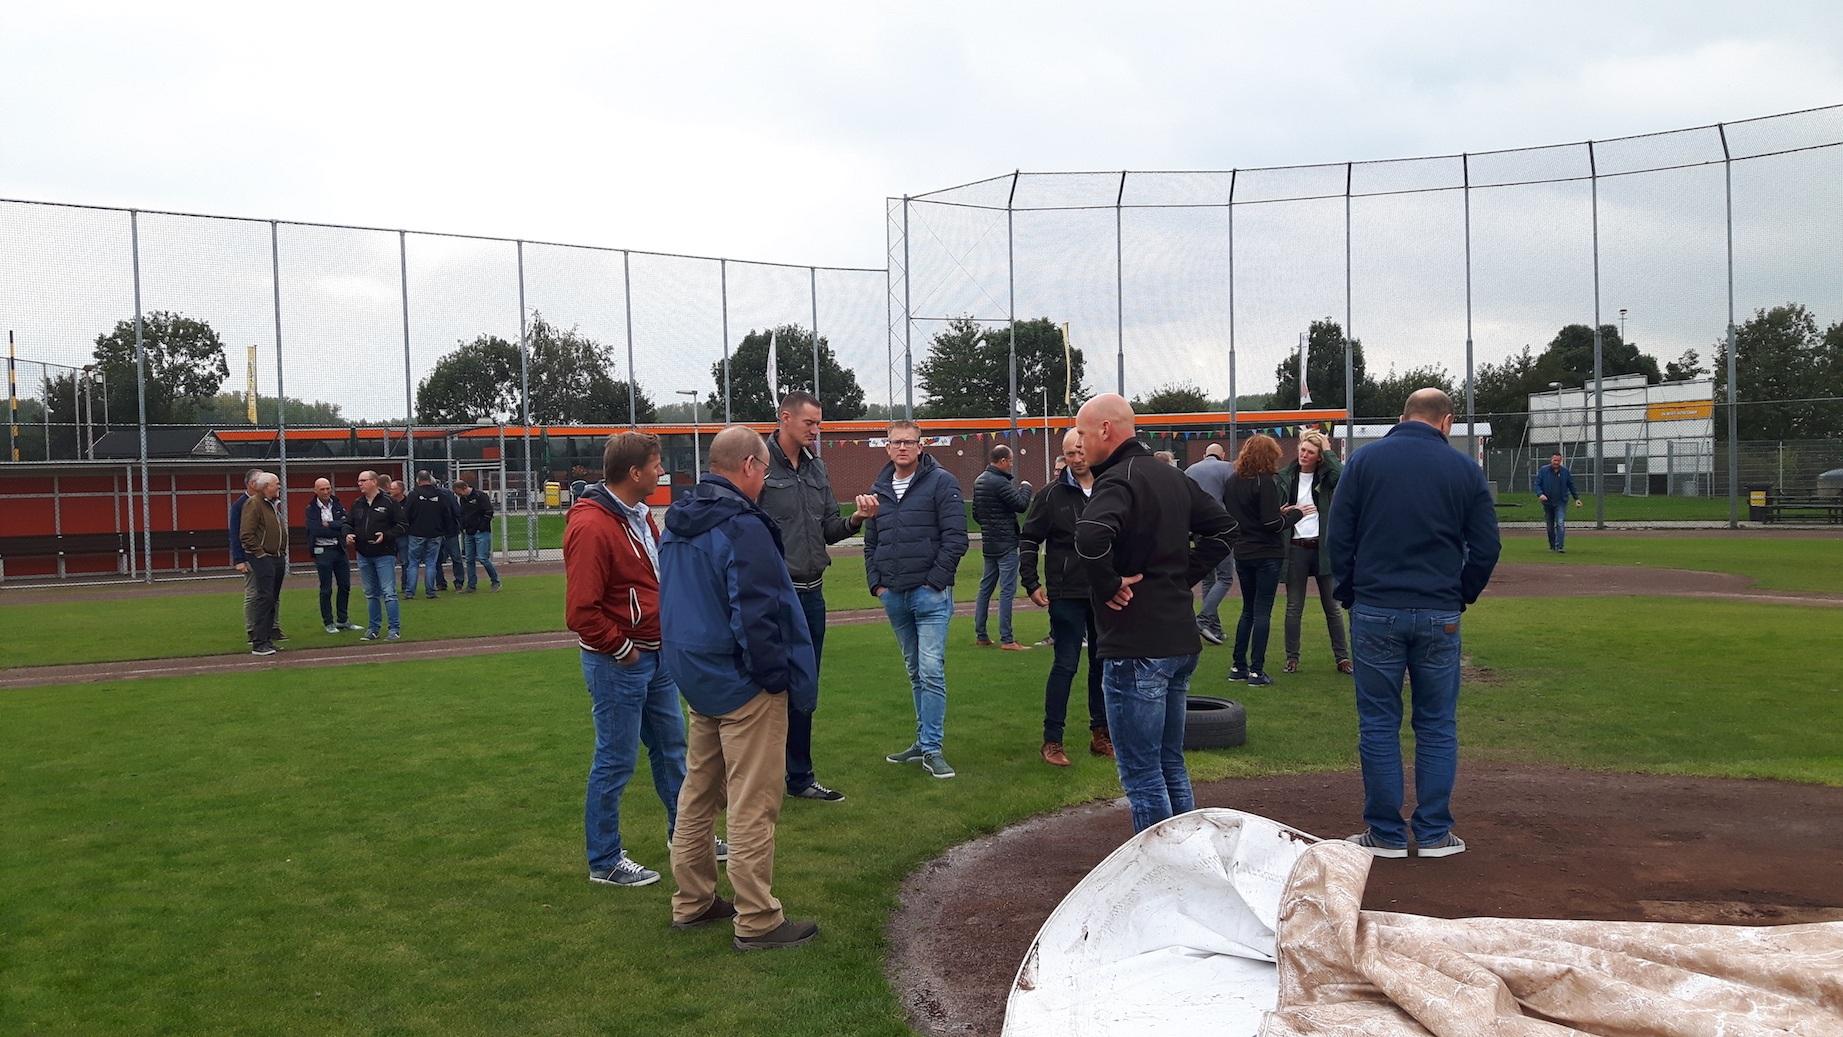 BAS klantendag bezoek honk- en softbal.jpg